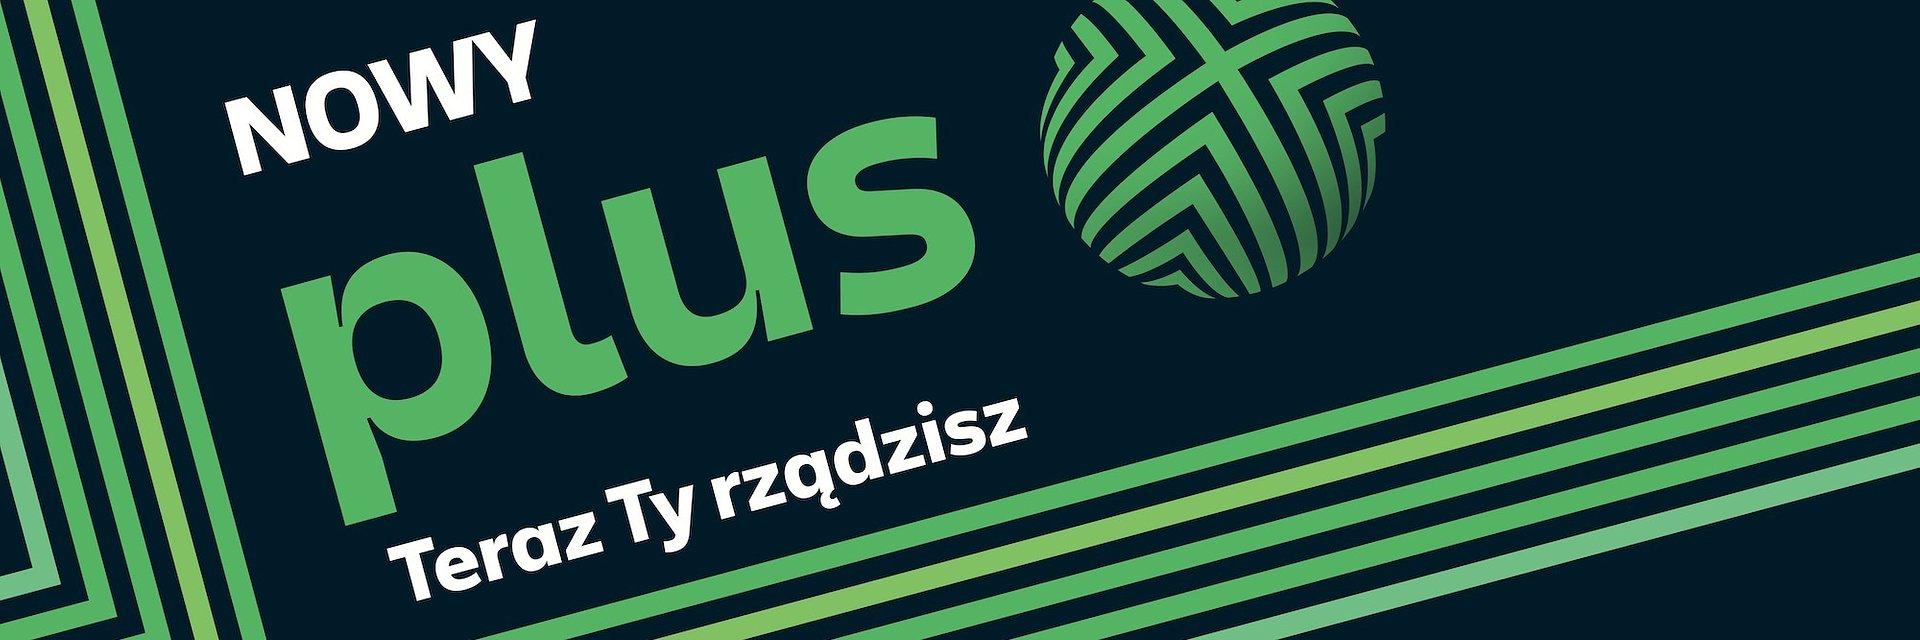 Freundschaft realizuje kampanię rebrandingową Grupy Polsat Plus